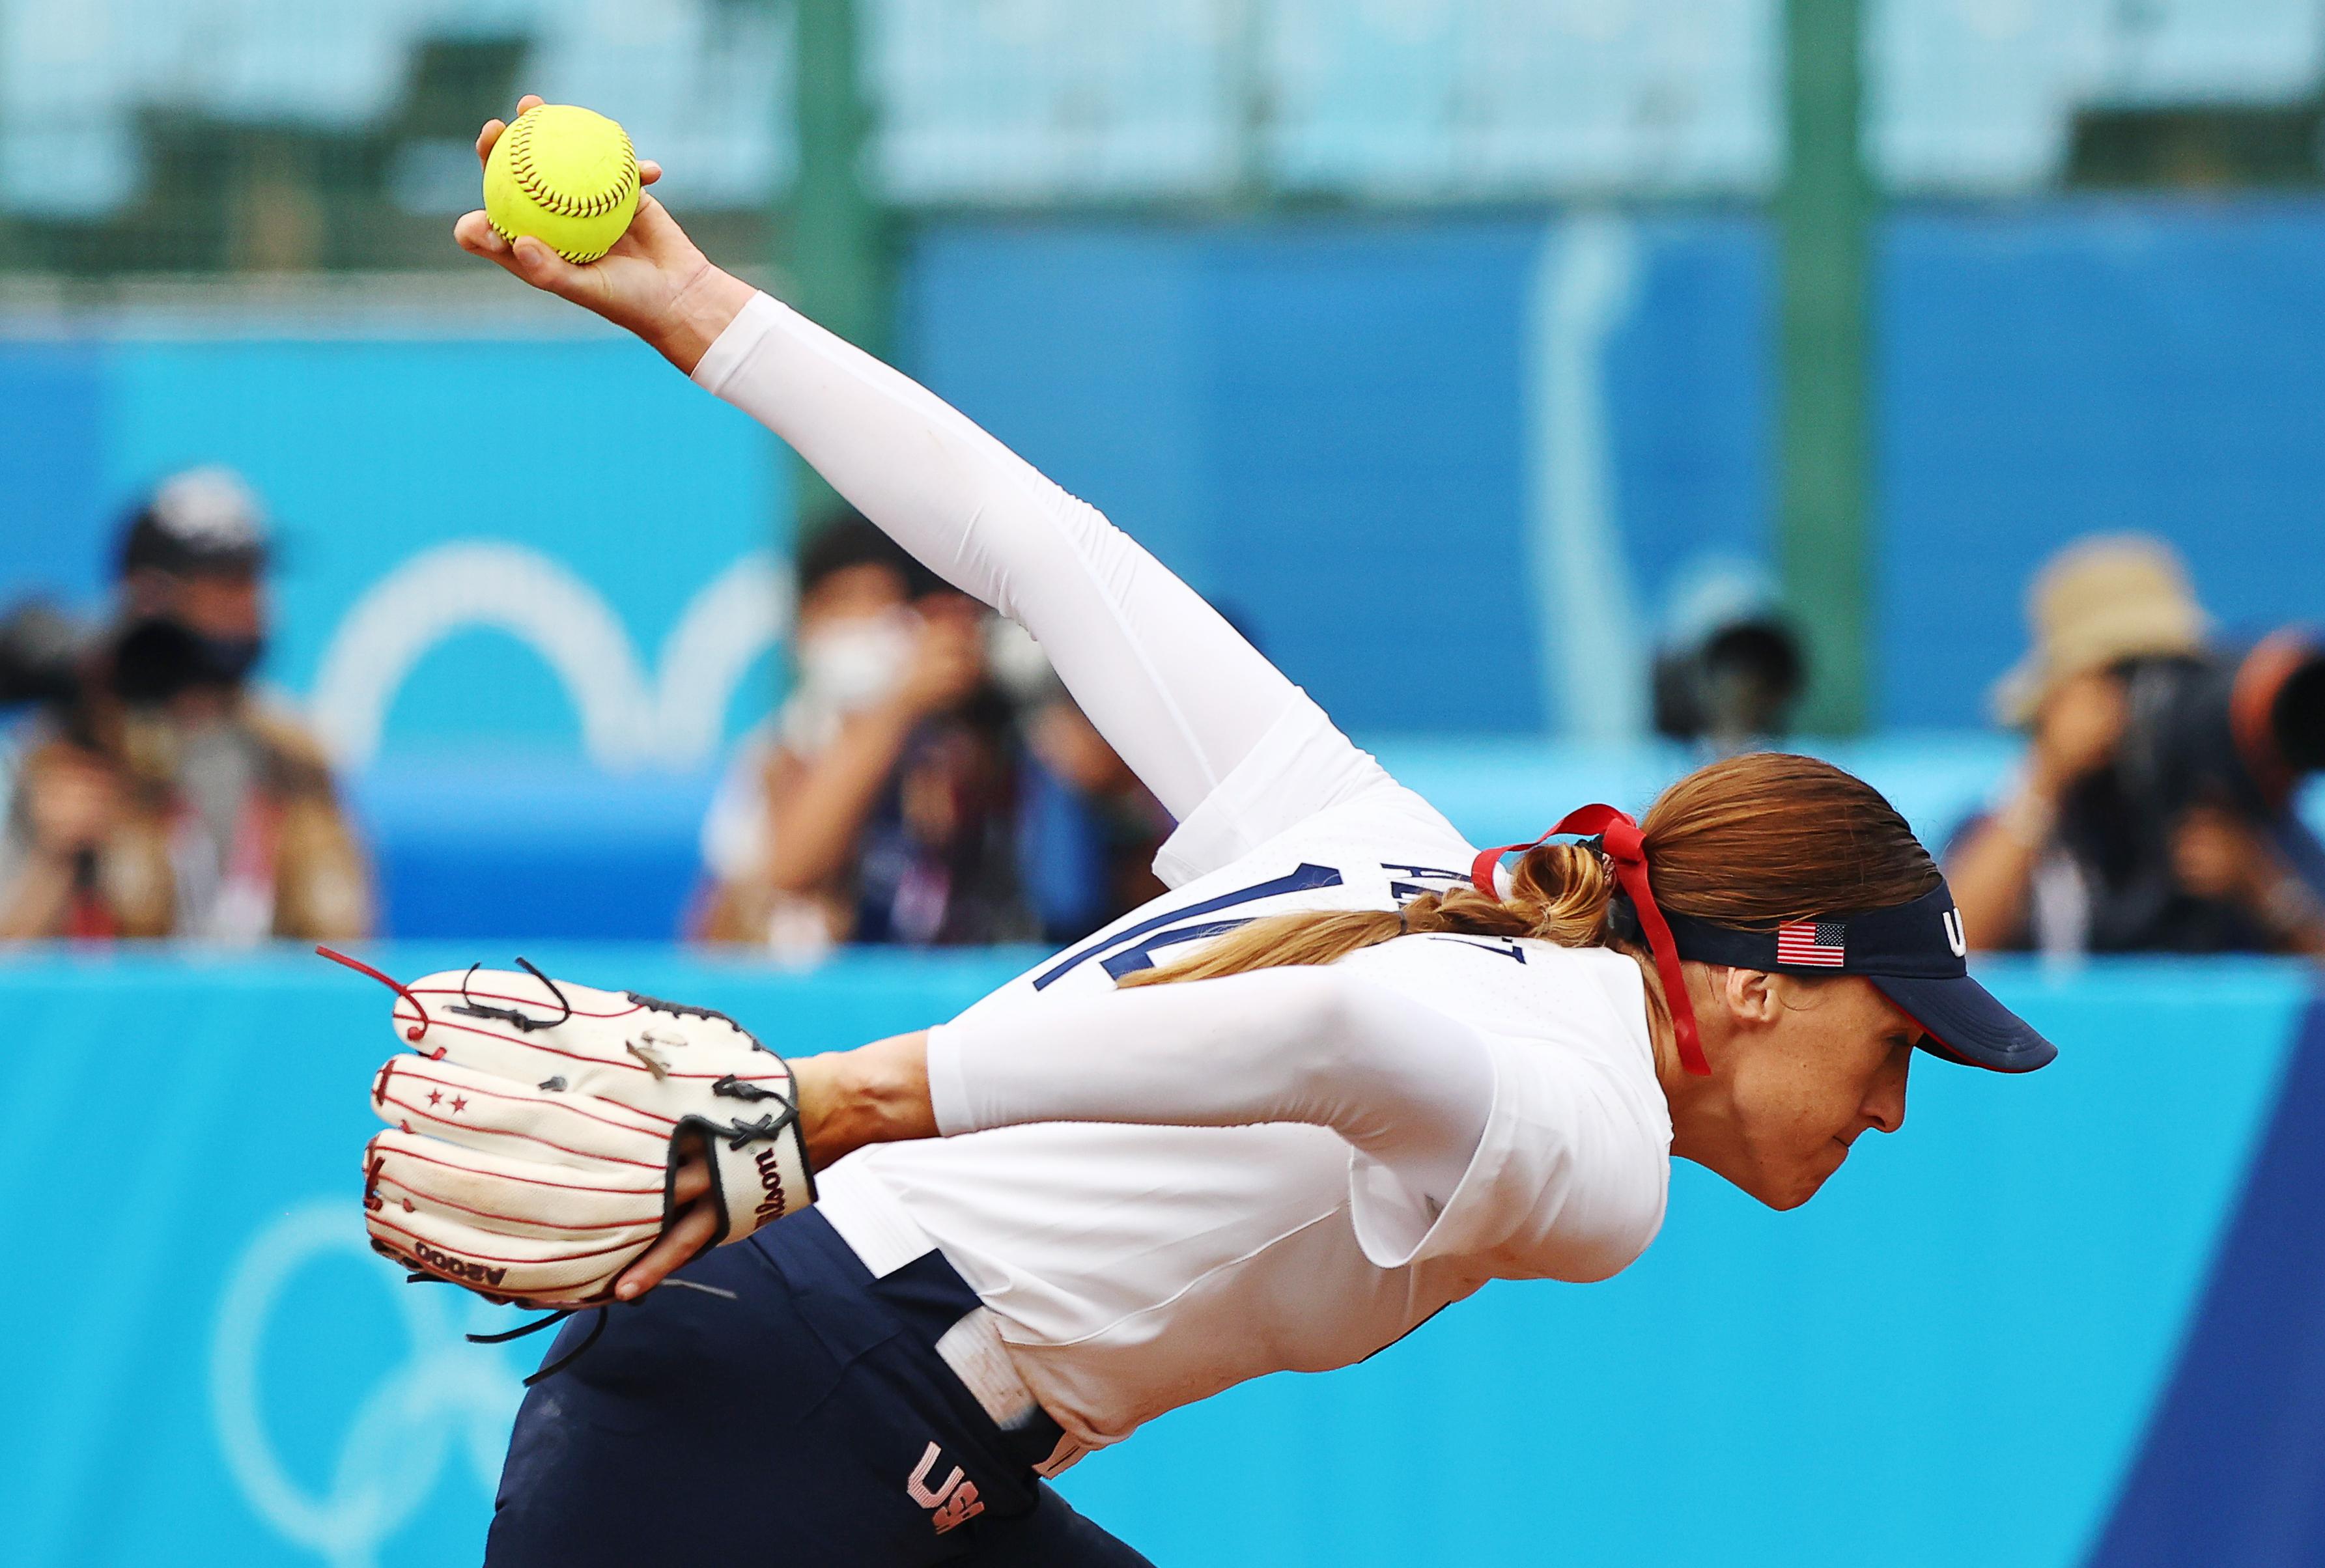 Tokyo 2020 Olympics - Softball - Women - Opening Round - United States v Canada - Fukushima Azuma Baseball Stadium - Fukushima, Japan - July 22, 2021. Monica Abbott of the United States in action. REUTERS/Jorge Silva